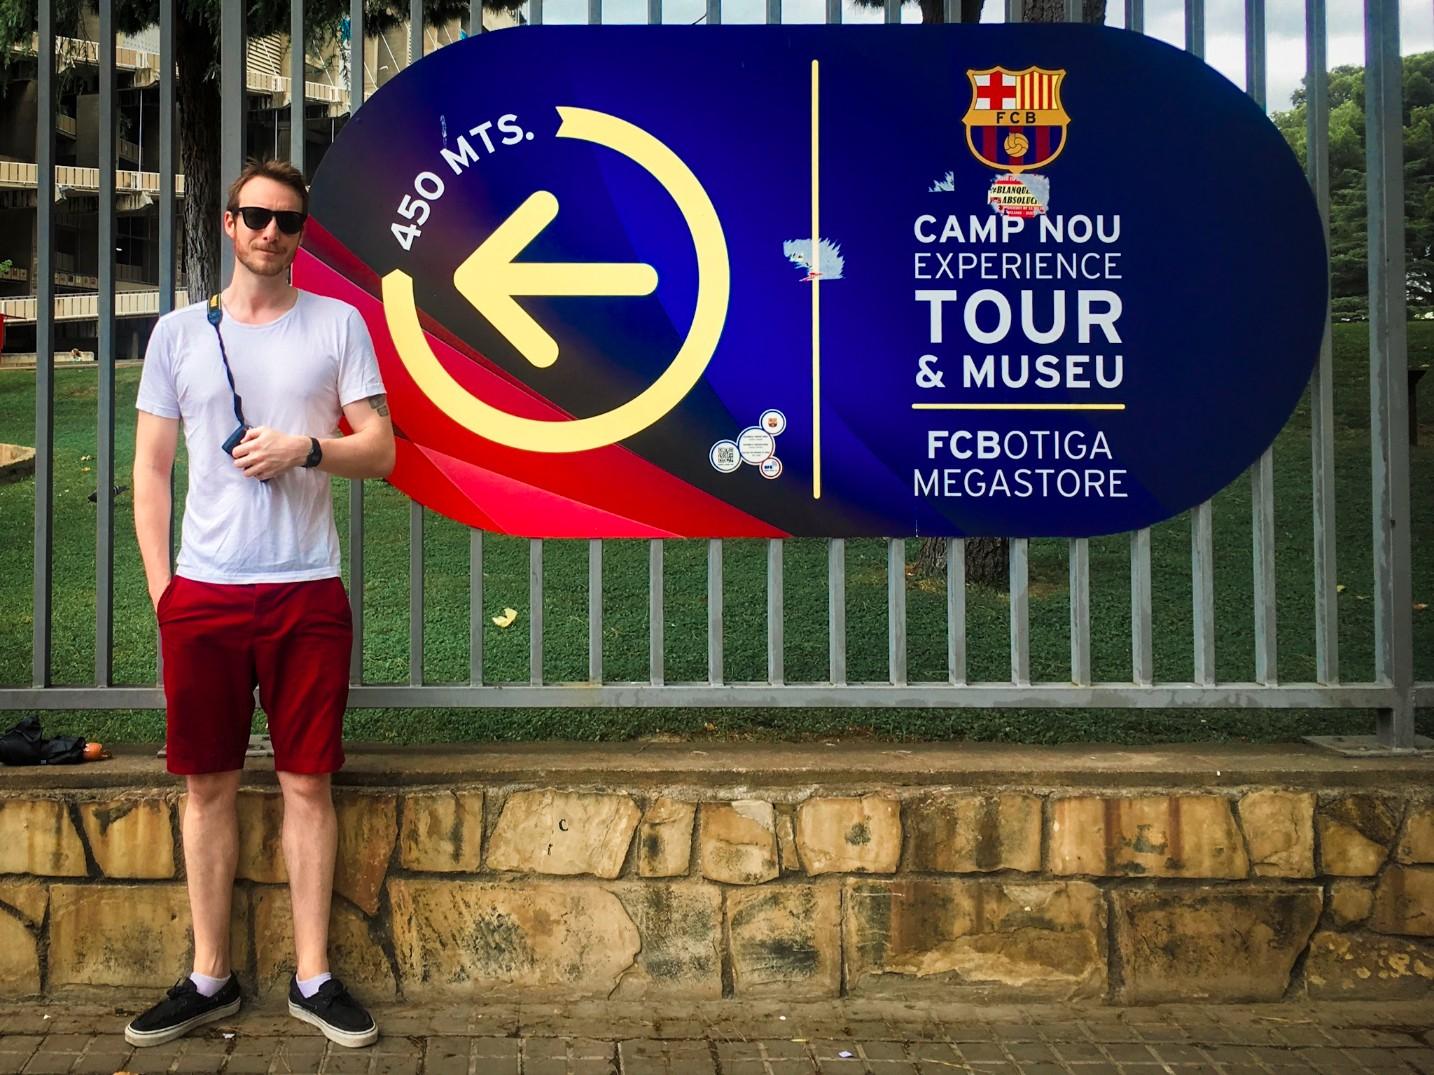 Barcelona Camp Nou Experience Tour & Museum (Barcelona): Més Que Un Club